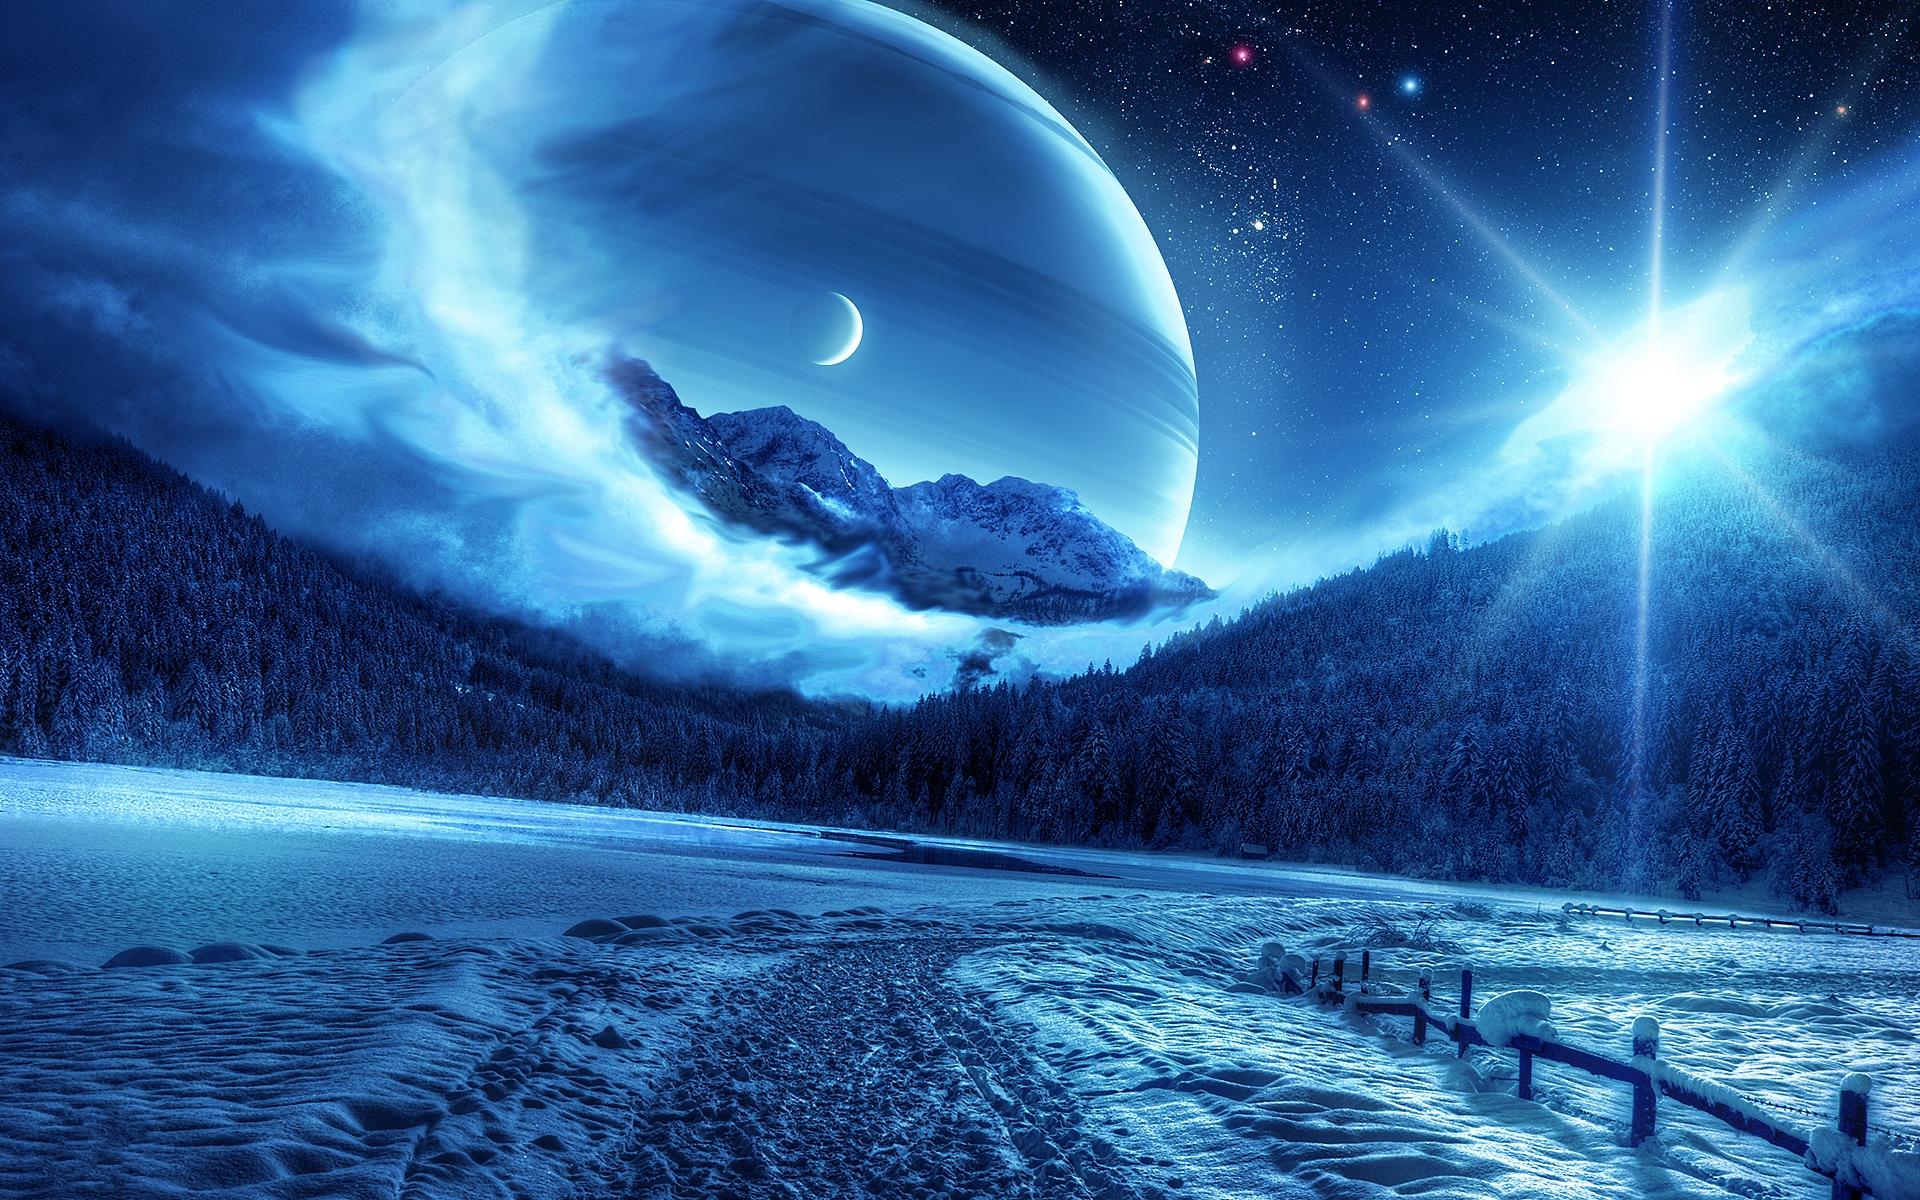 Sci Fi Planet Rise Wallpaper